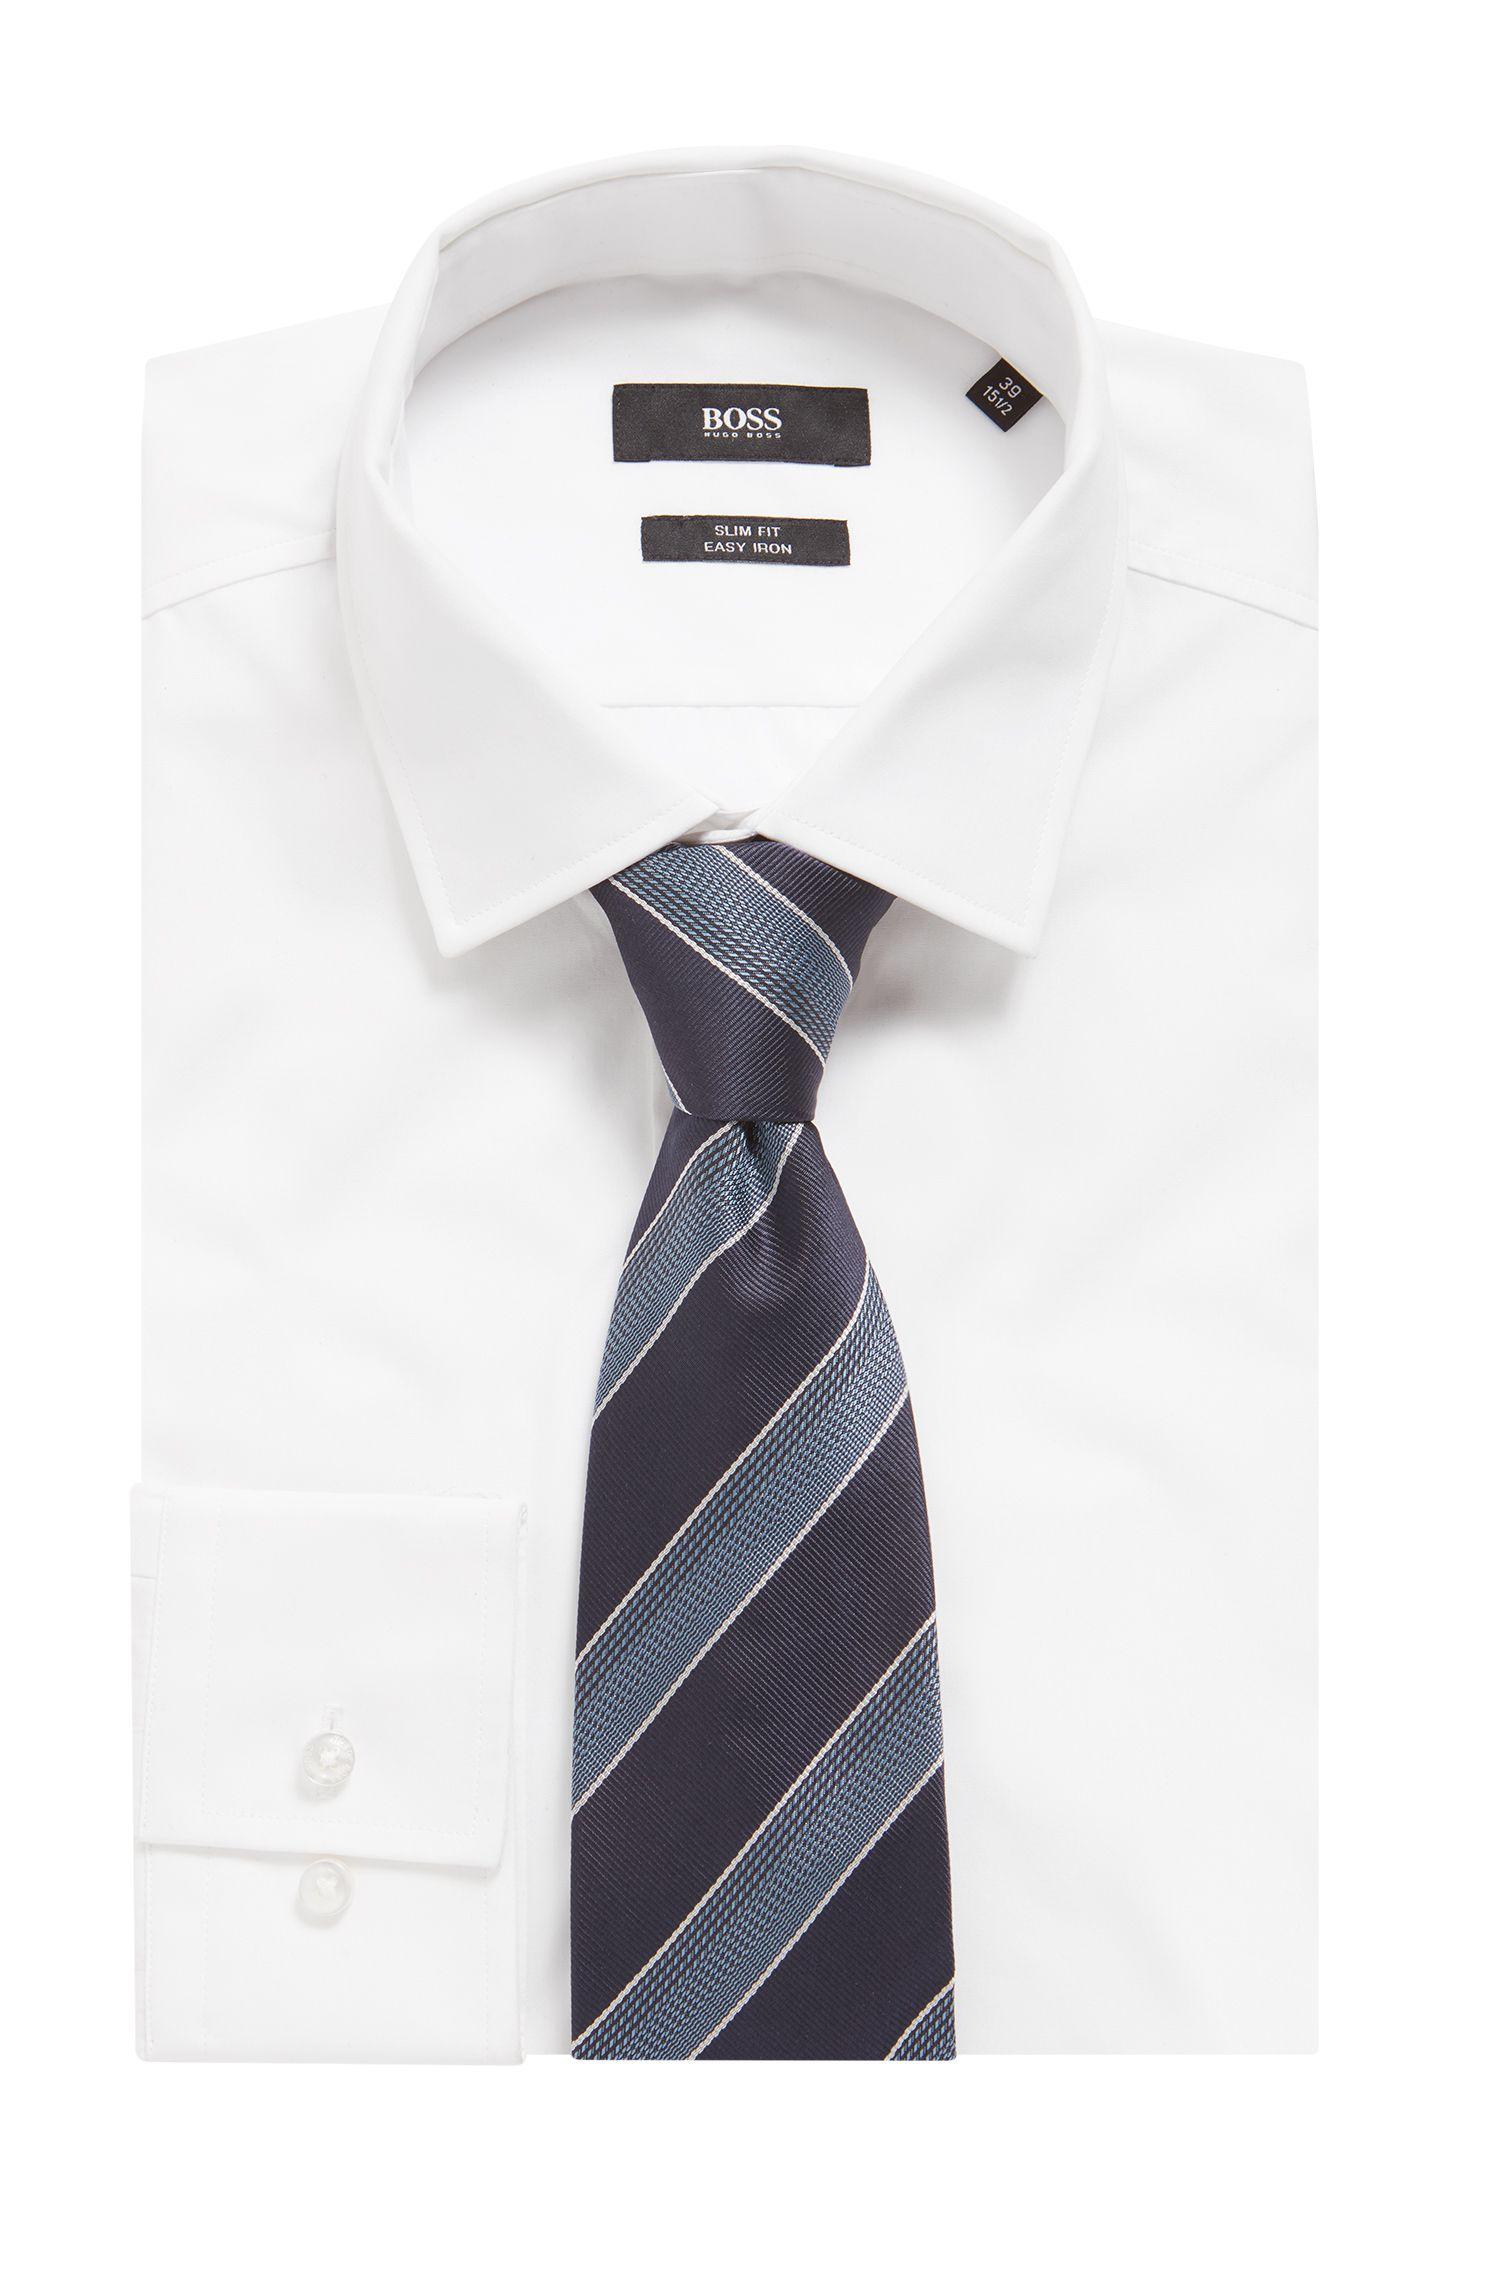 Cravate en jacquard de soie à rayures texturées en diagonale, Bleu vif